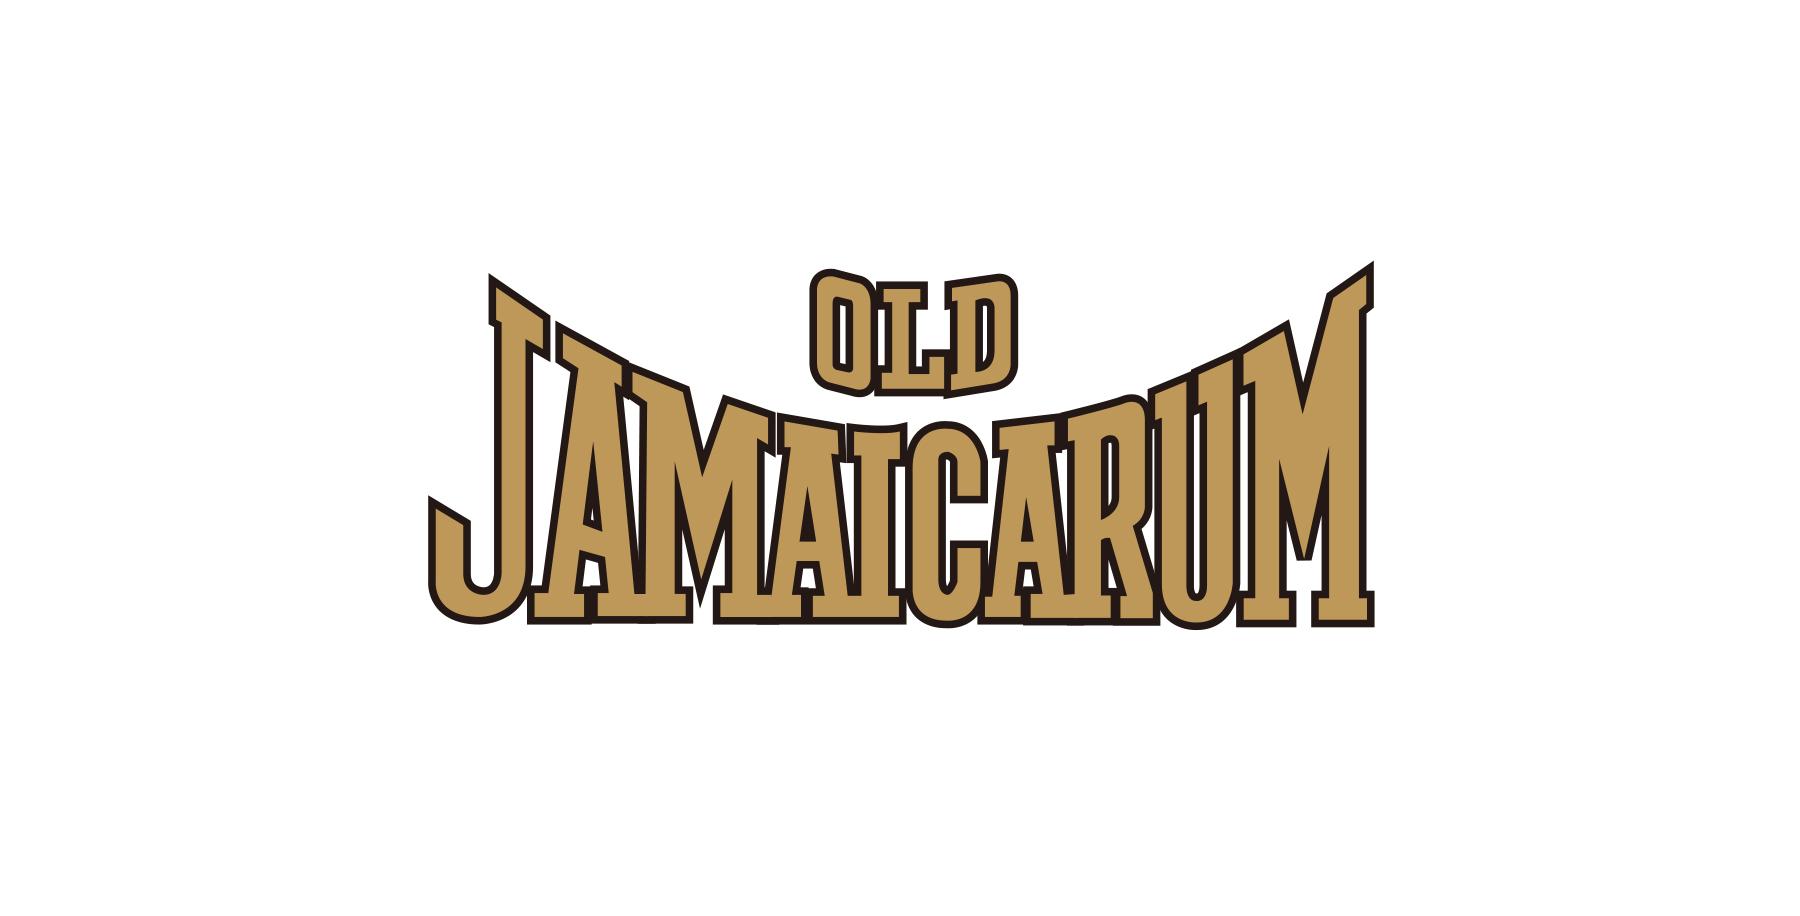 オールドジャマイカ